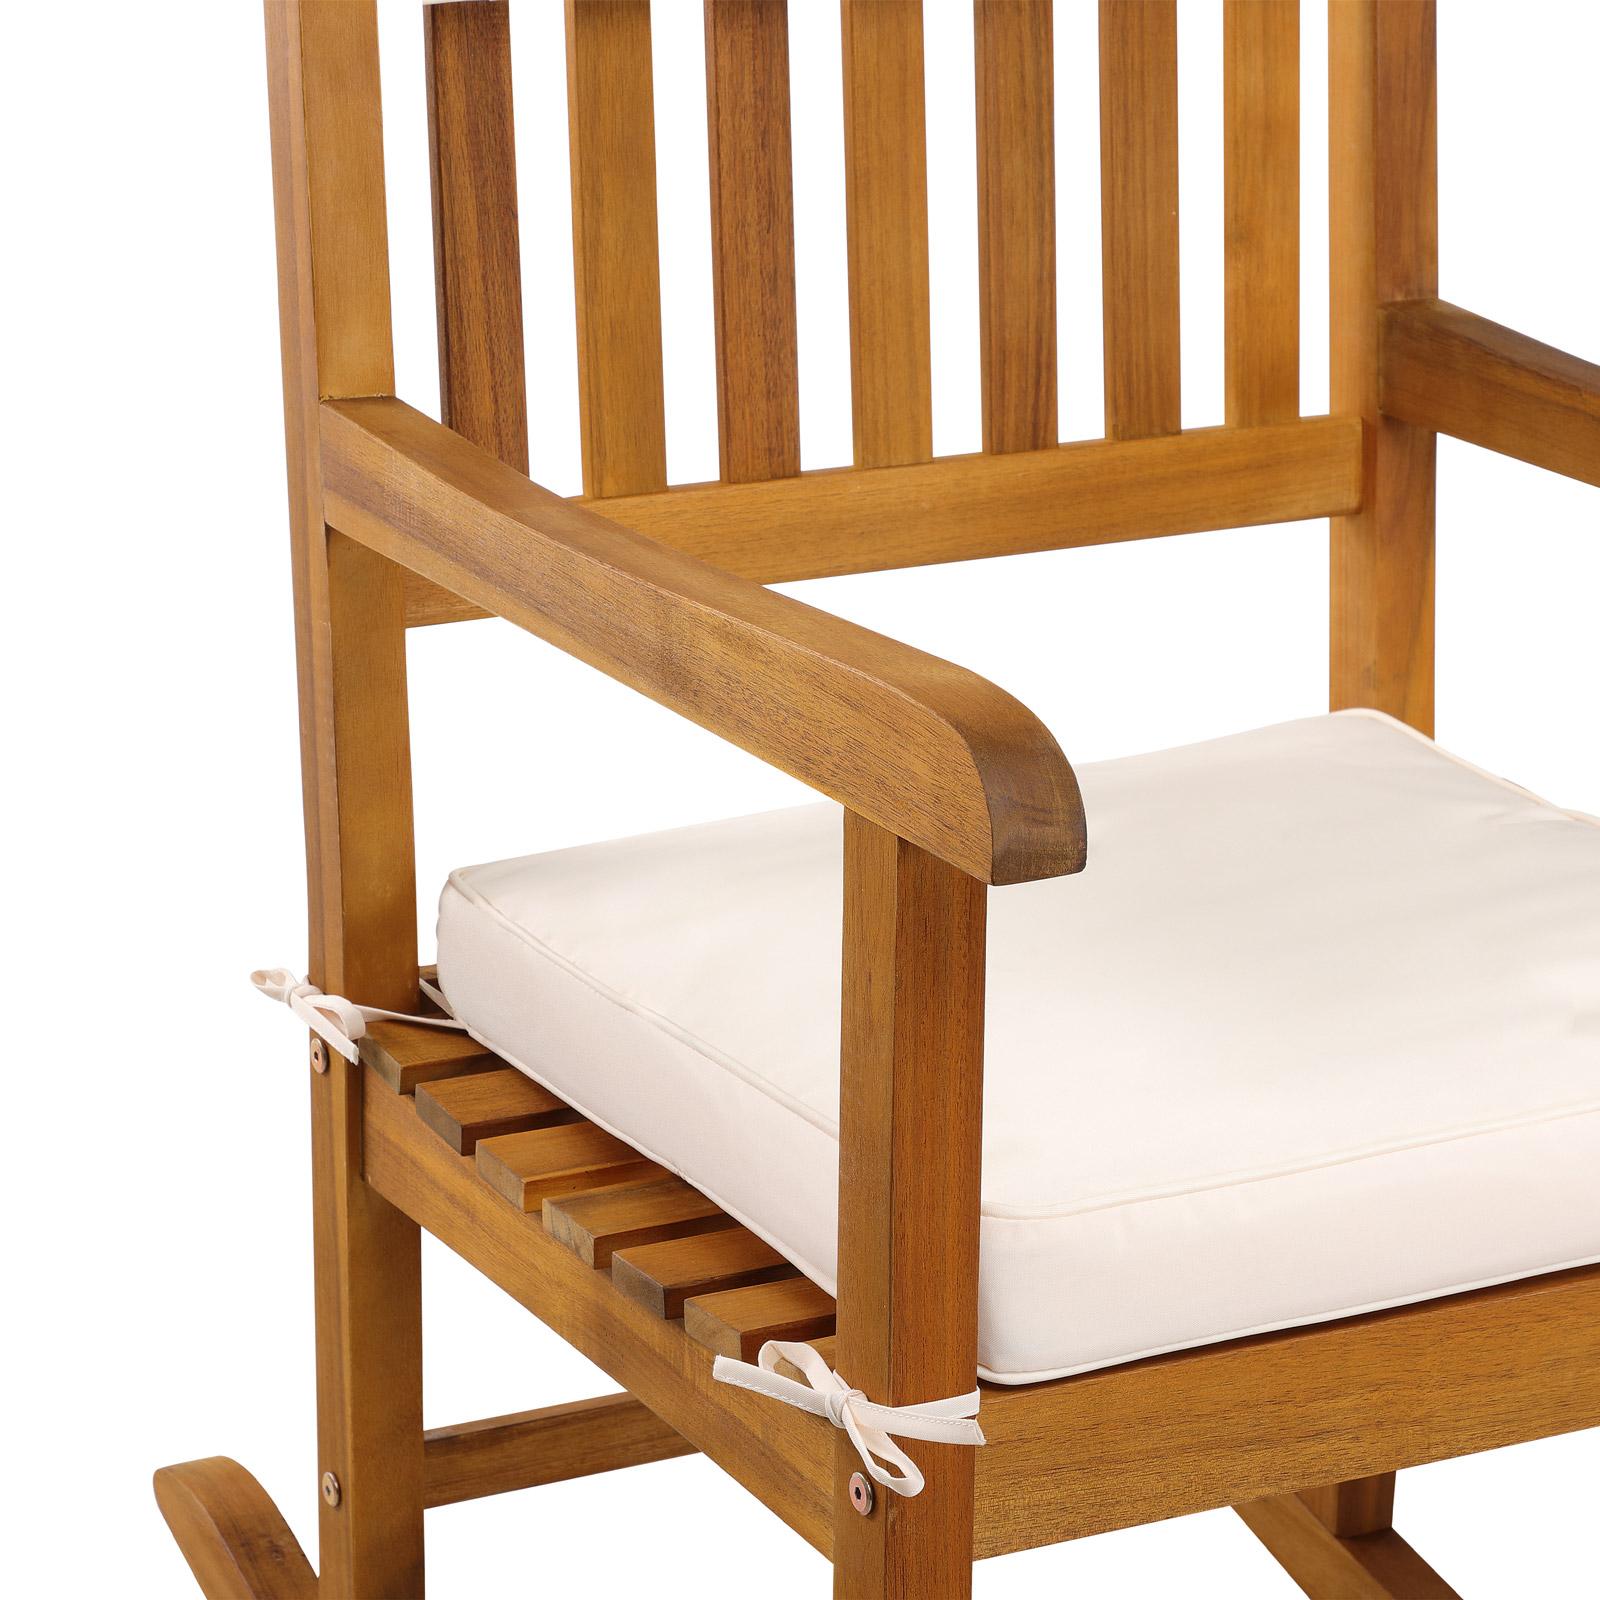 Schaukelstuhl gartenstuhl schwingsessel liegestuhl for Schaukelstuhl akazienholz